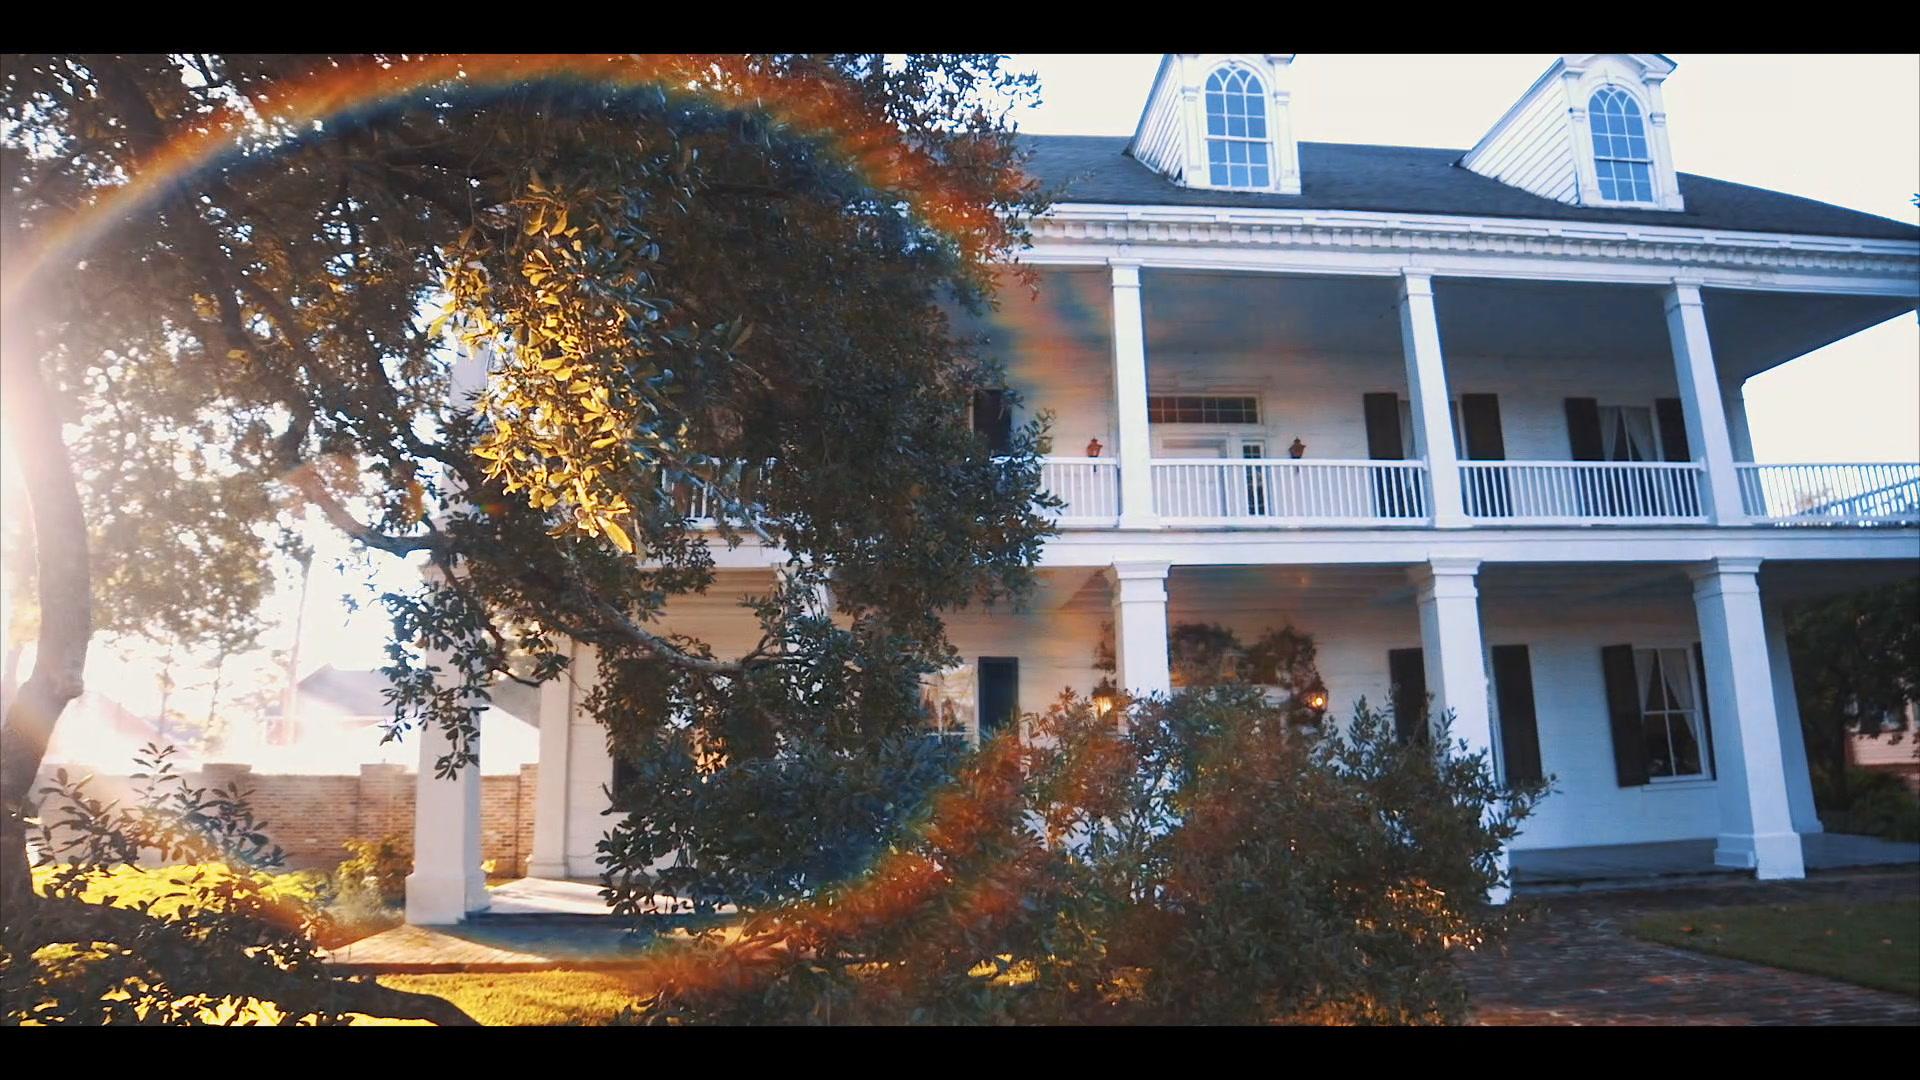 Kimberly + Thomas | Coushatta, Louisiana | A Family Farm